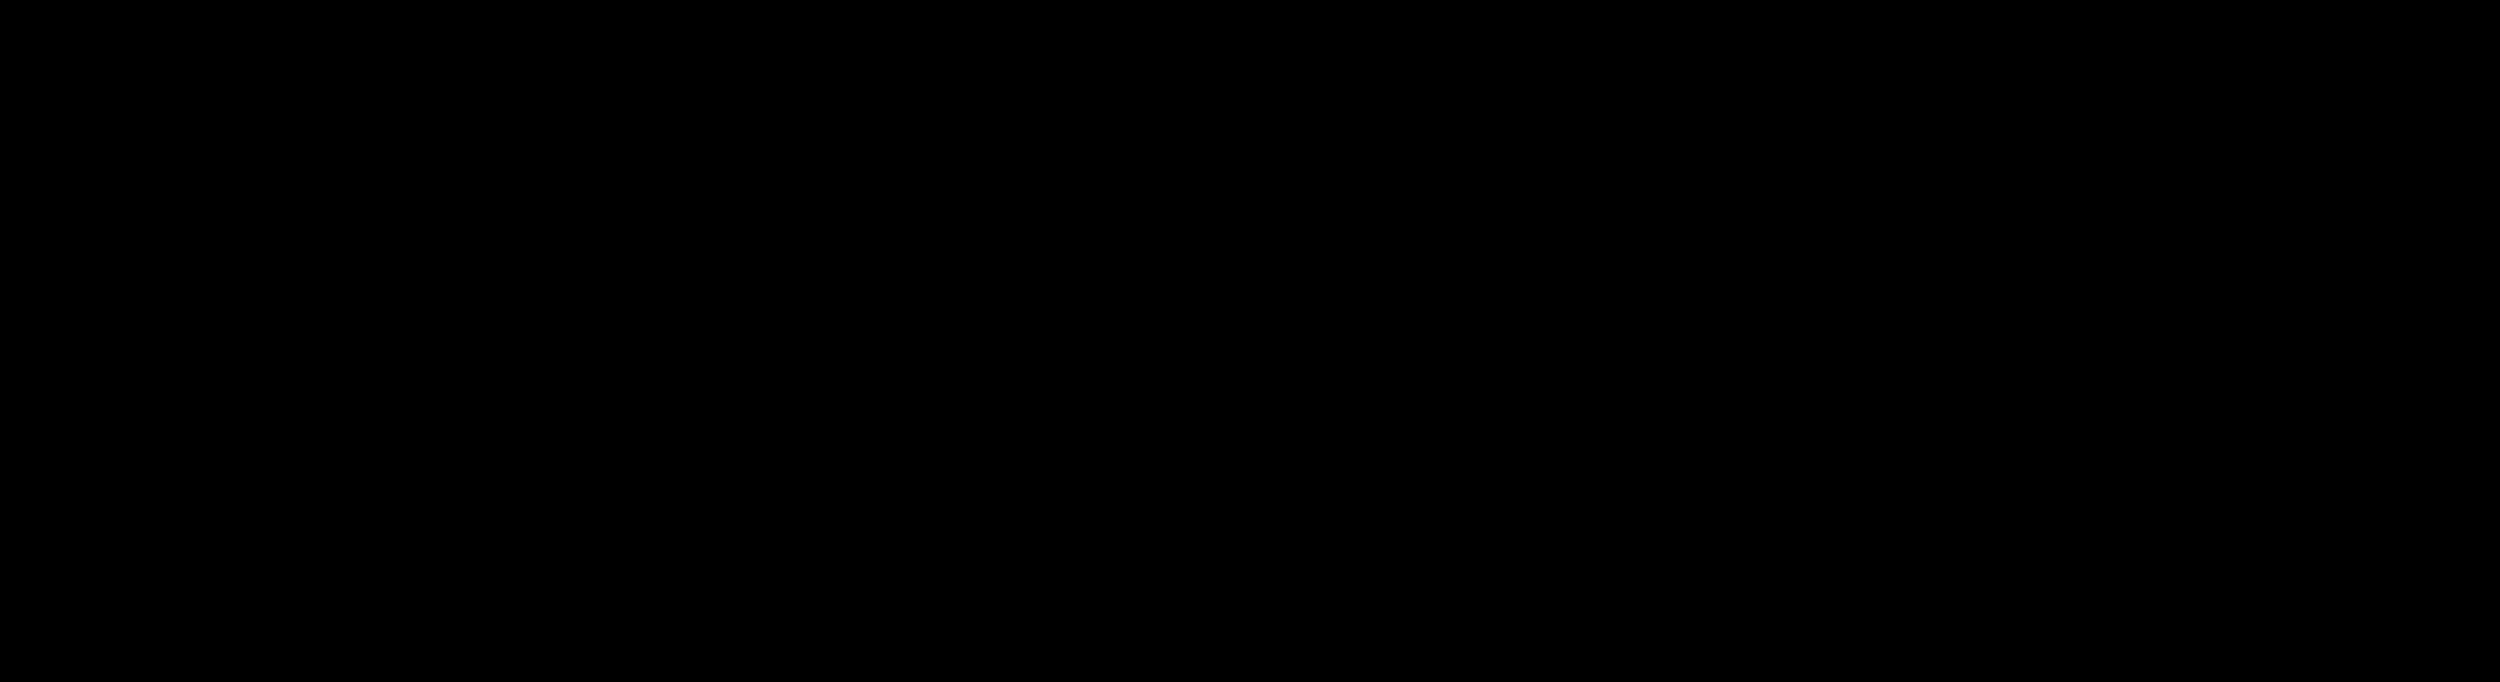 design-sponge-logo-best-design-sponge-logo-89-for-online-logo-design-with-design-new-logo-1.png